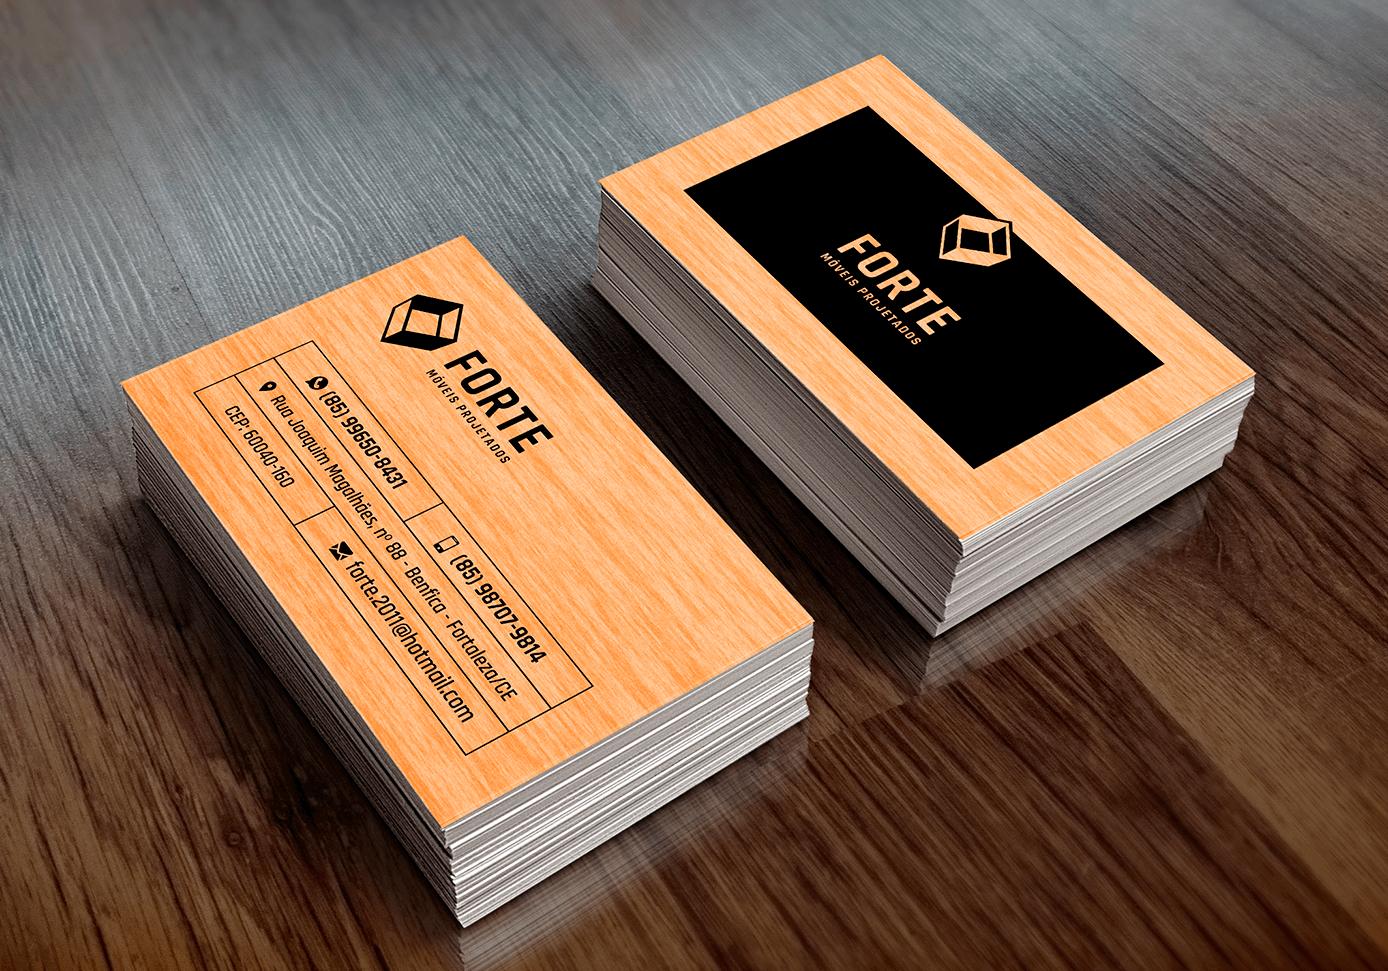 Portfólio Cartões de Visita - Forte Móveis Projetados - I9ME Web & Design - Fortaleza - CE